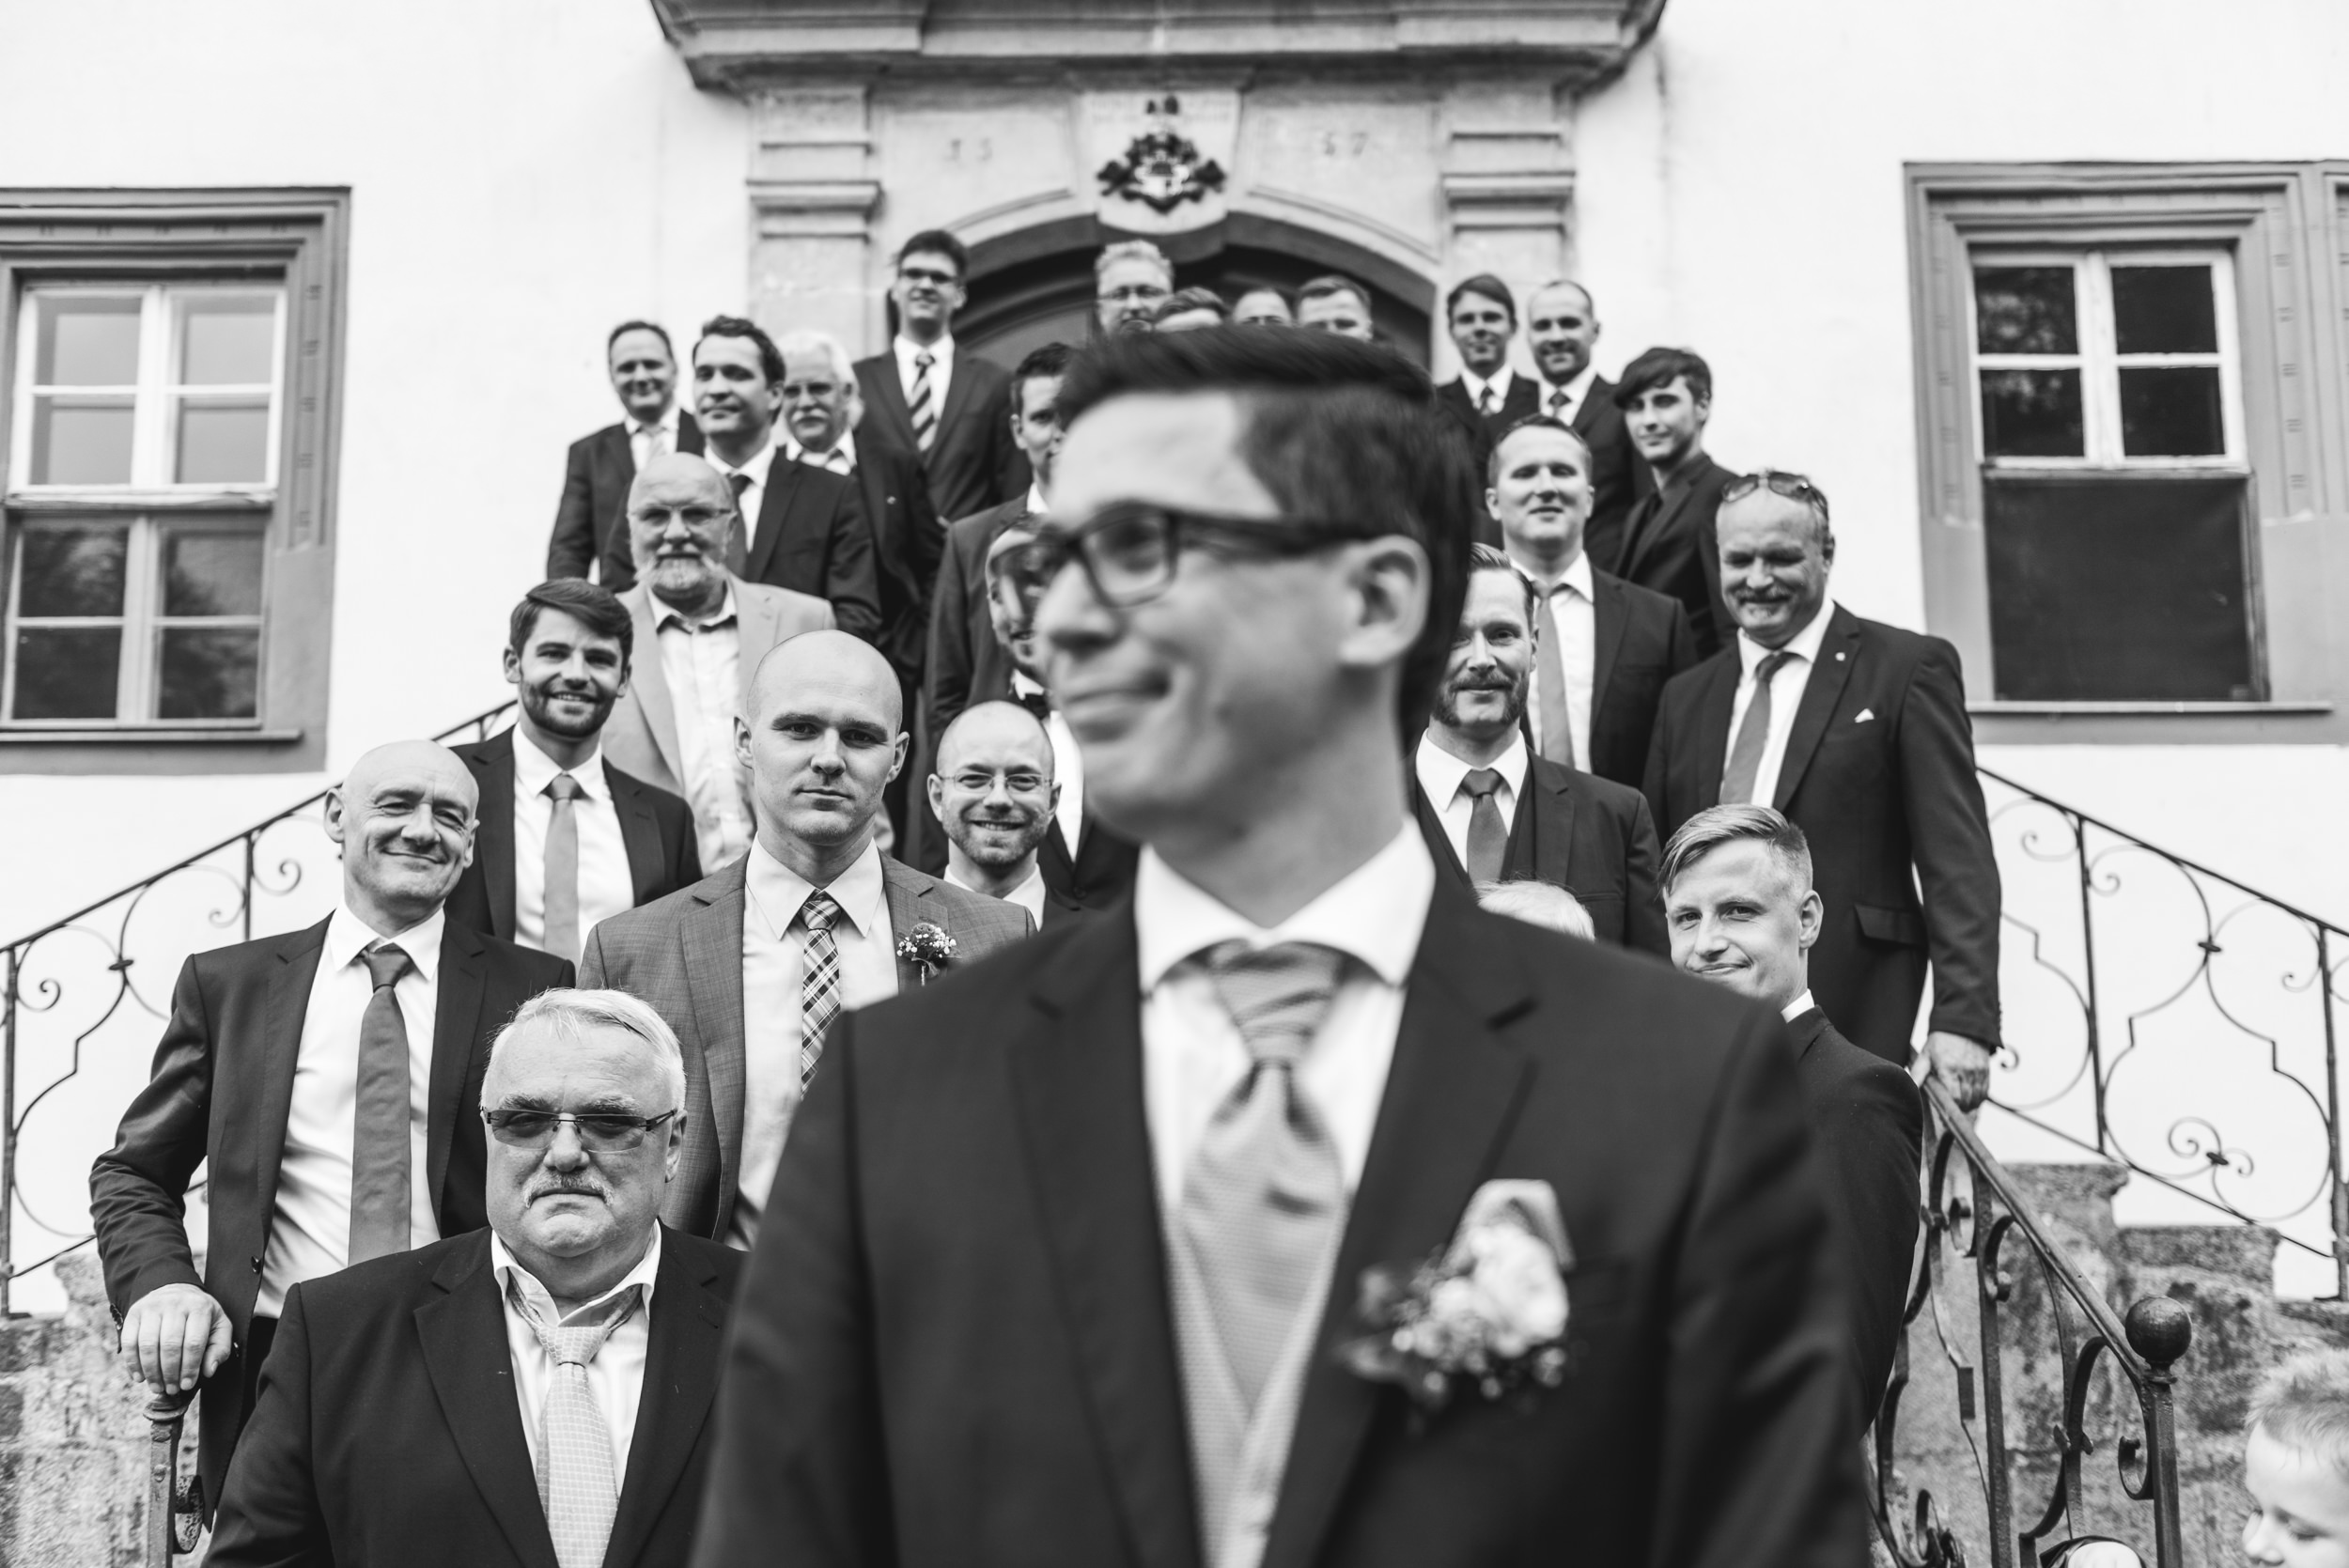 Paul_Glaser_Hochzeitsfotograf-26